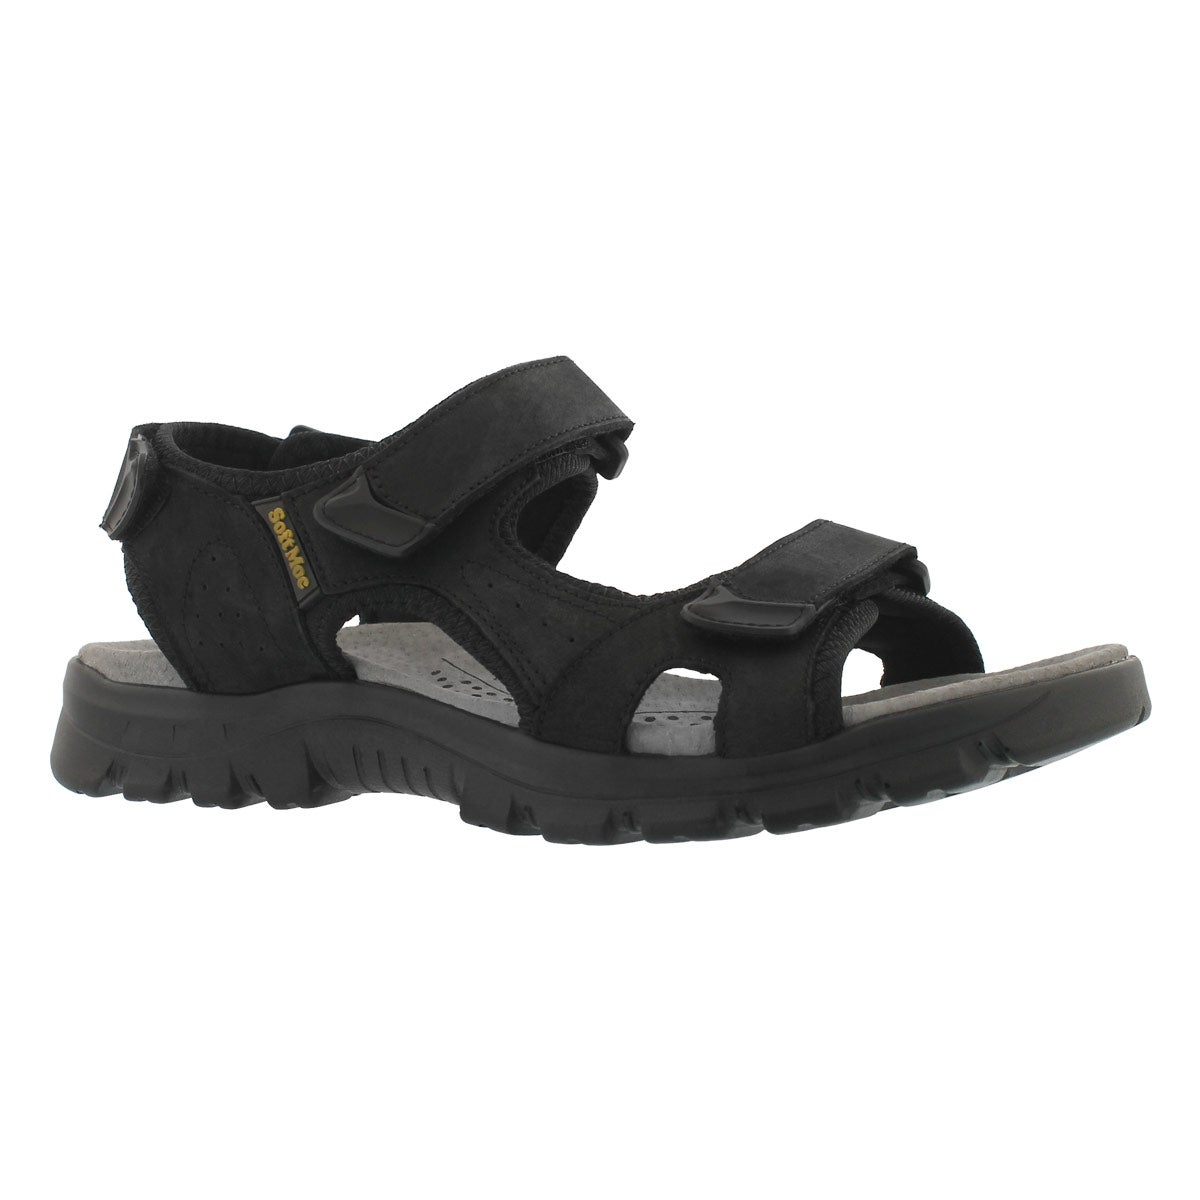 Men's KIRK black 3 strap sport sandals